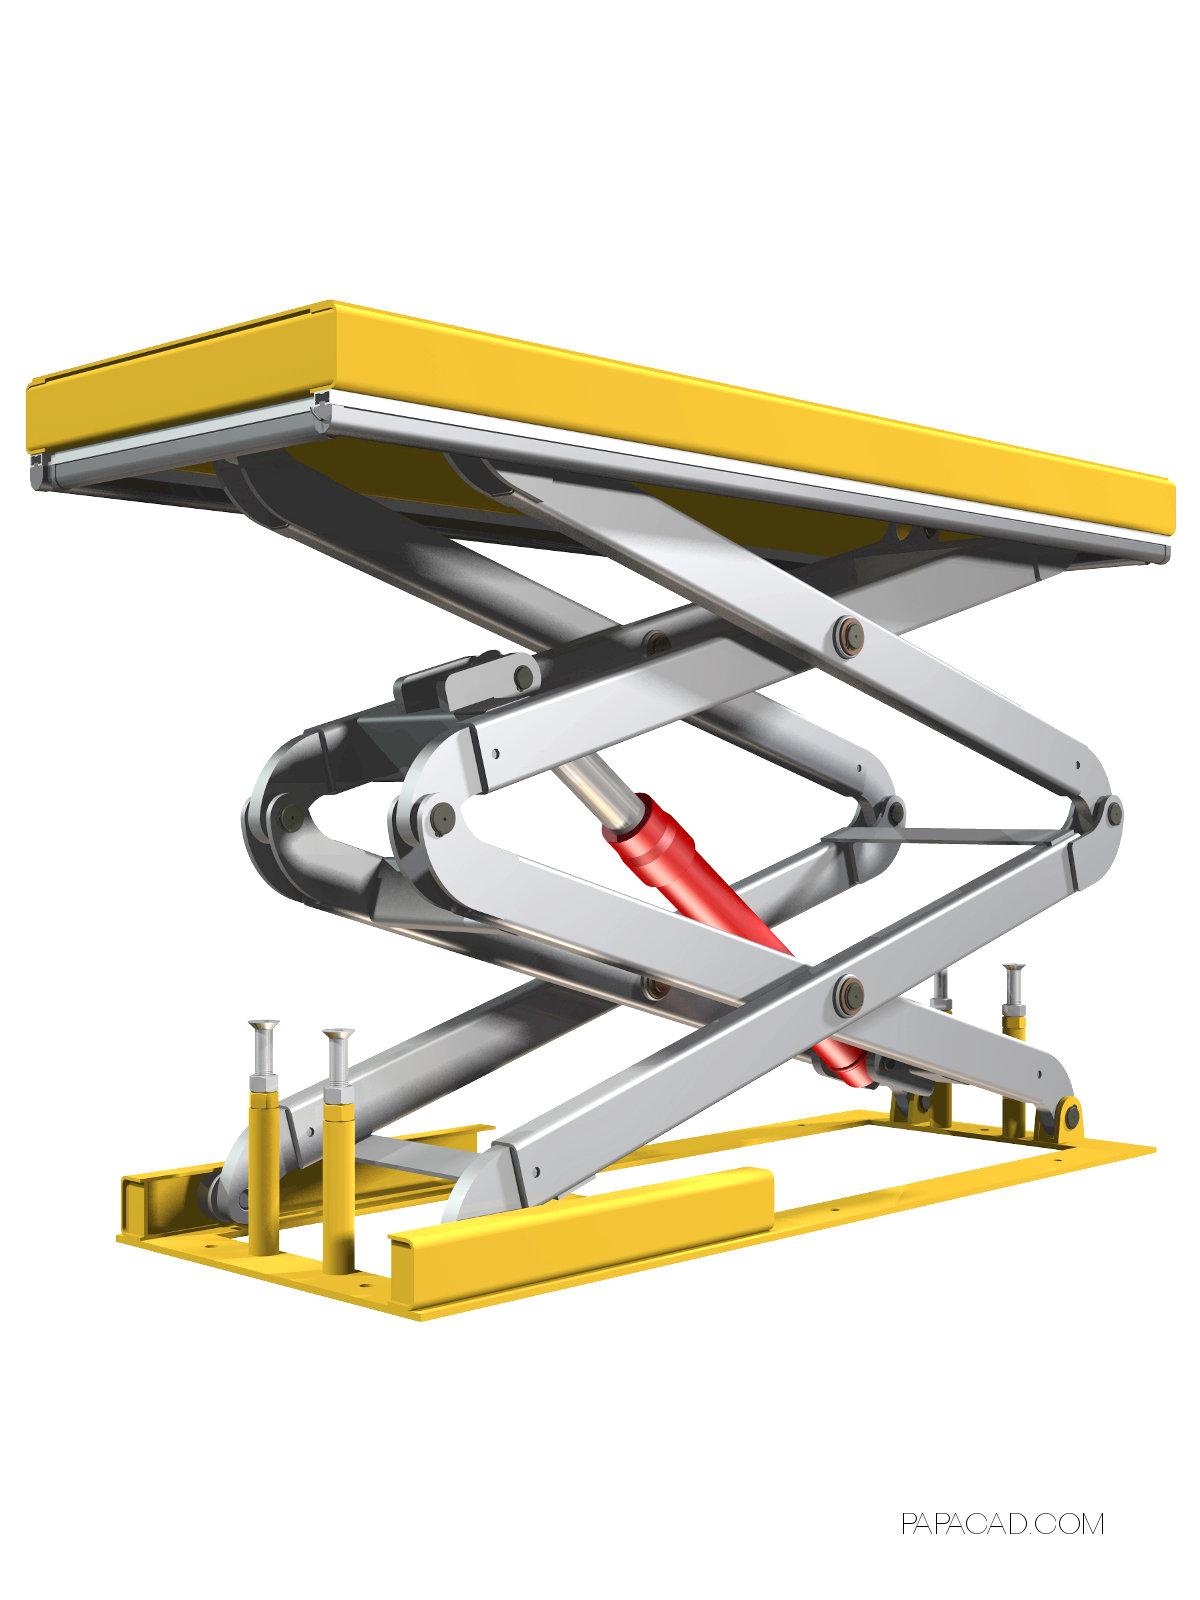 Scissor lift table plans